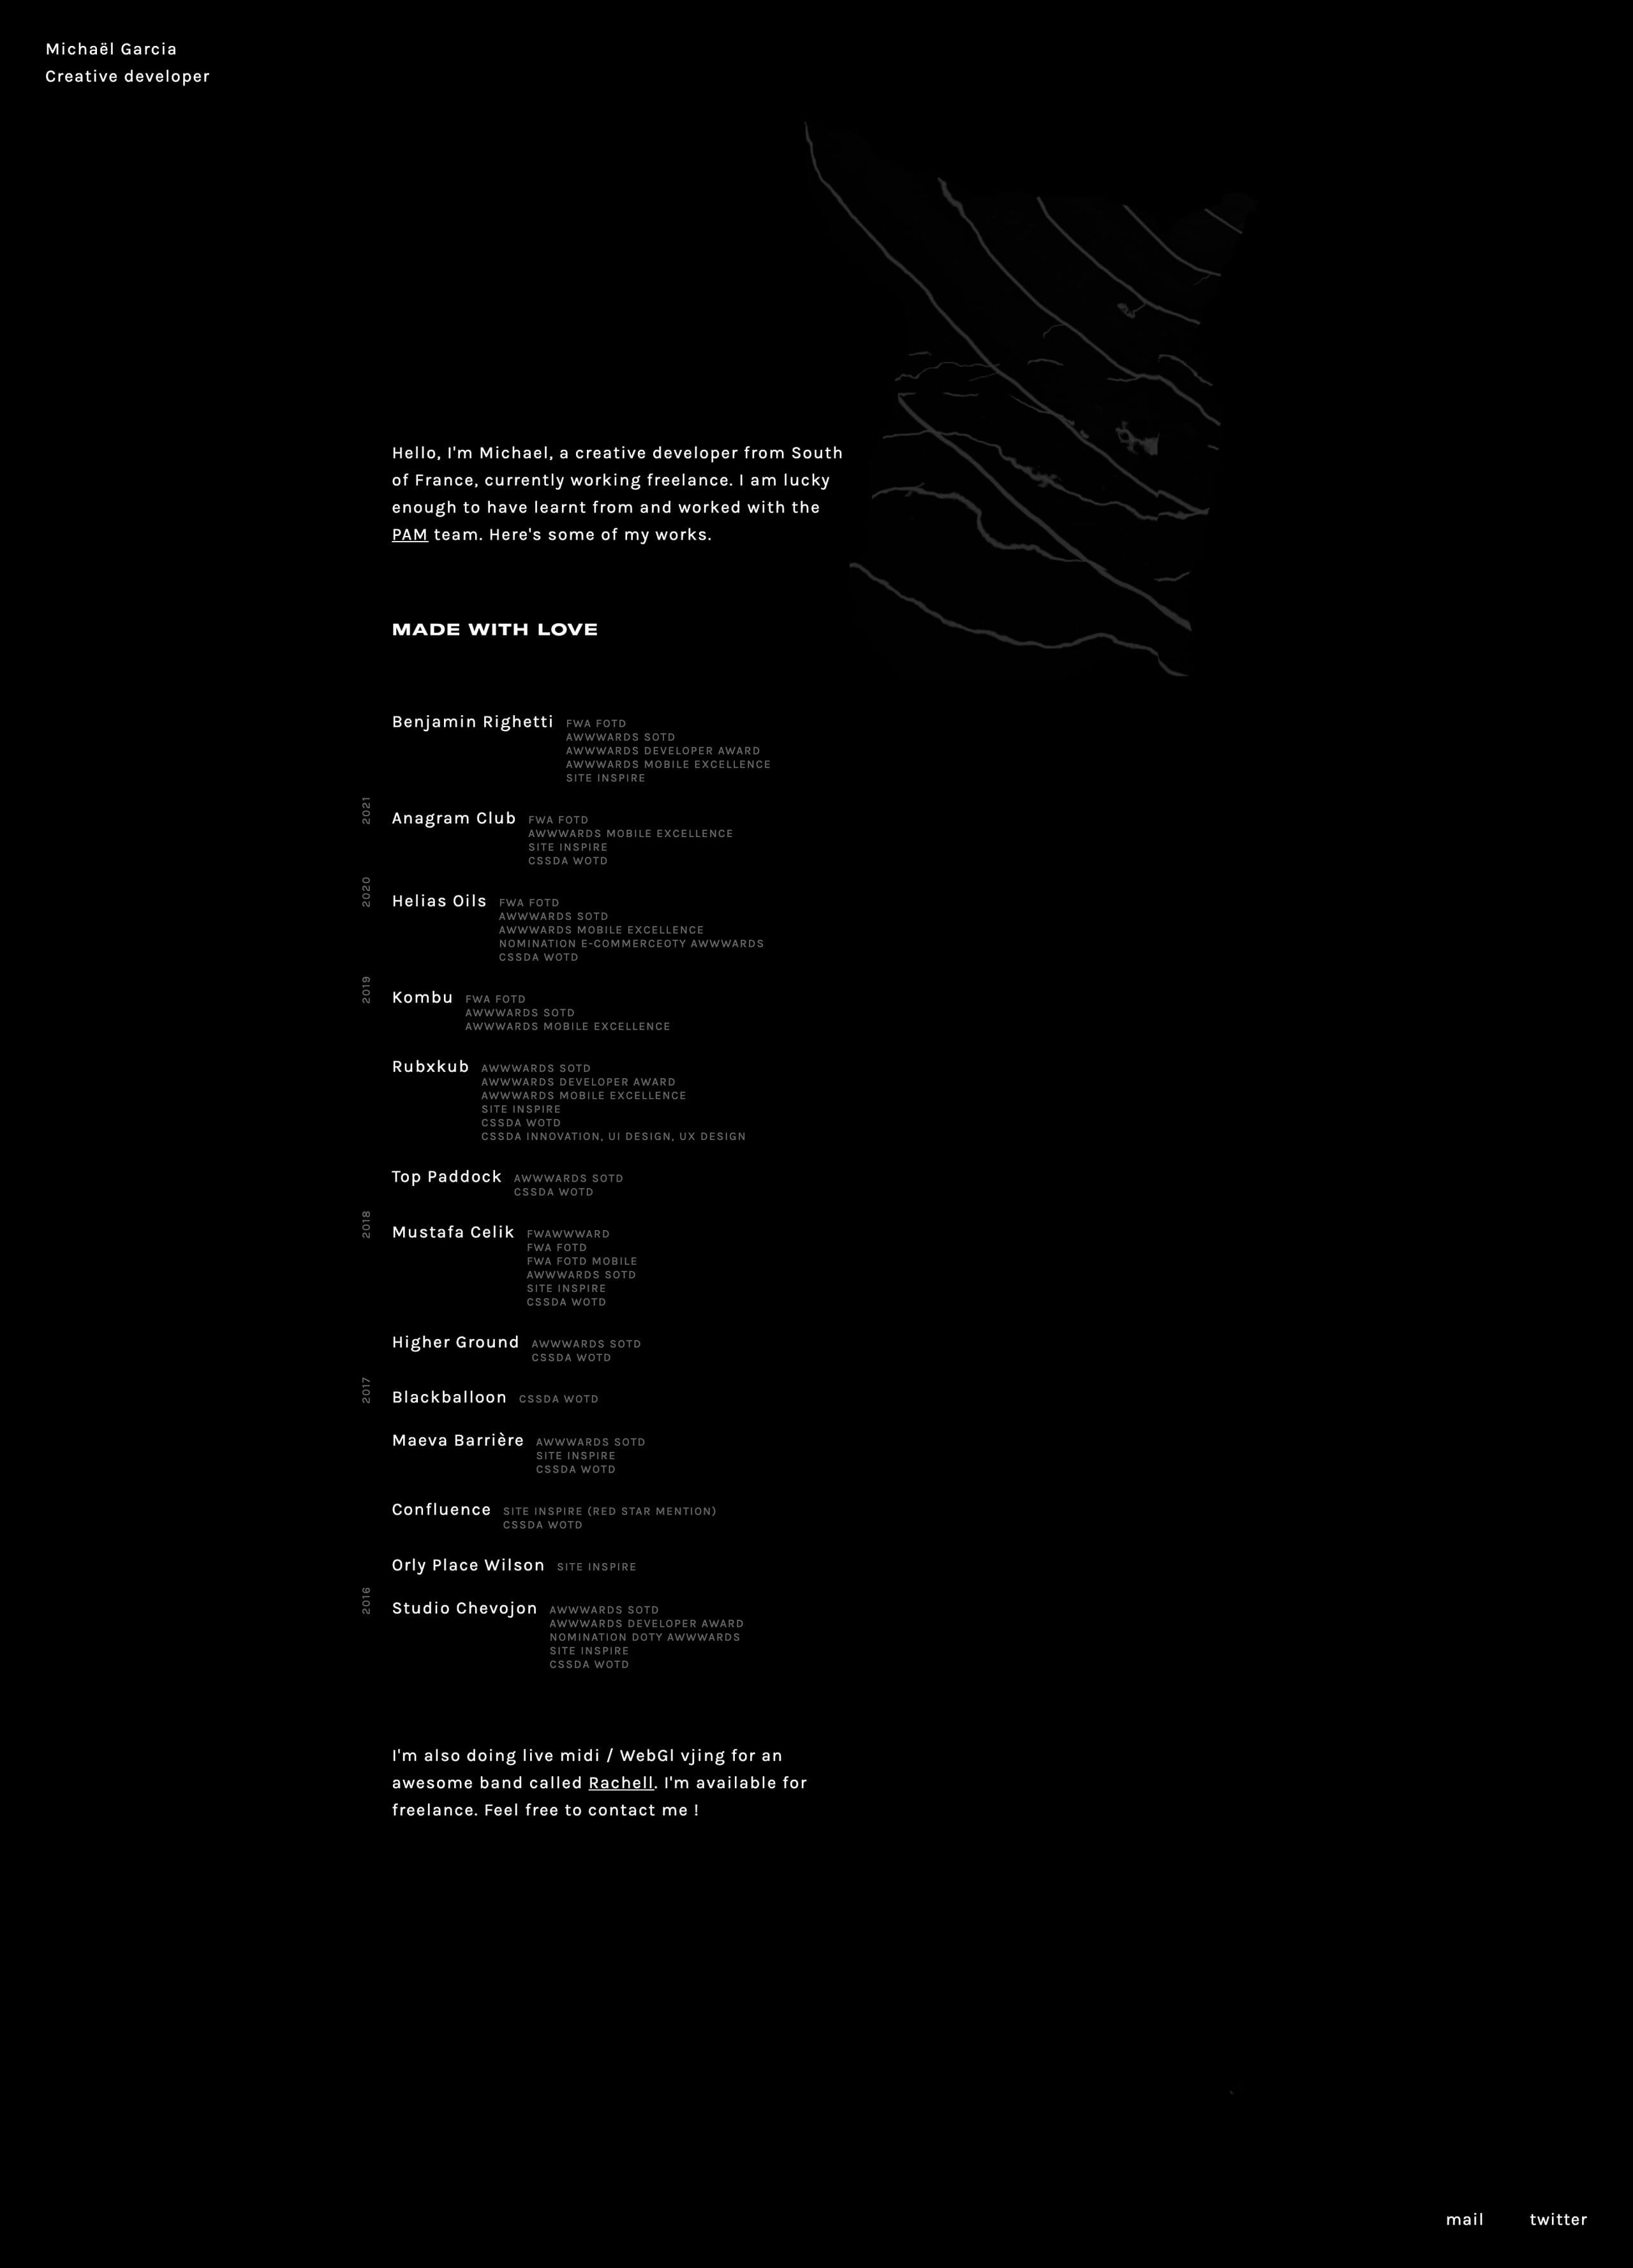 Michaël Garcia Website Screenshot